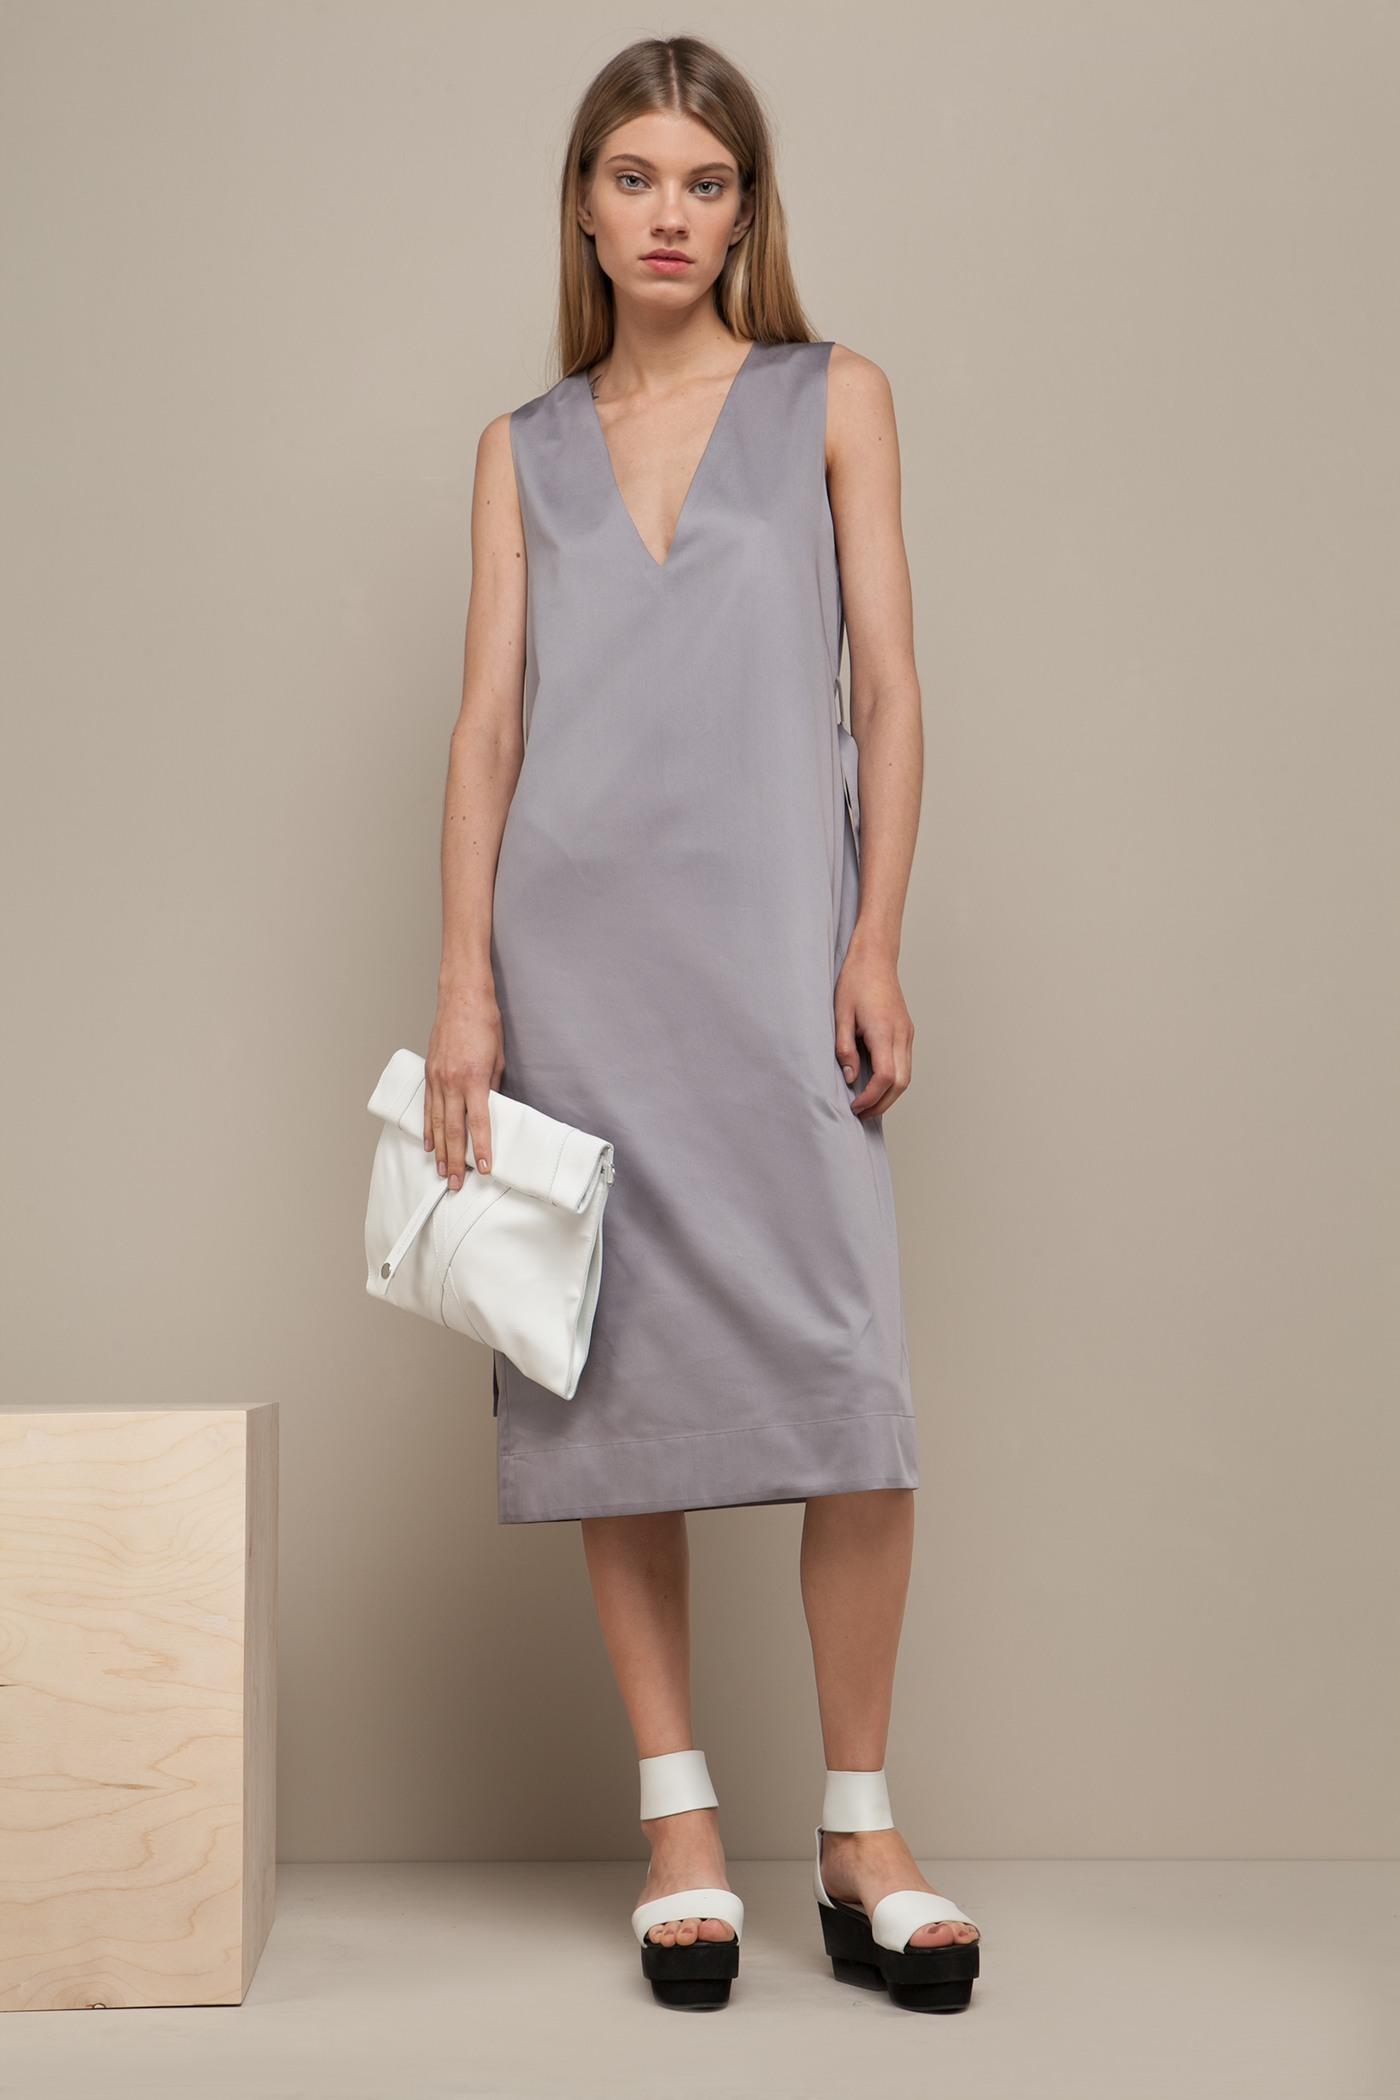 Платье средней длины - JustПлатье средней длины прямого силуэта из хлопка с глубоким V-образным вырезом. Драпируется с помощью тканного пояса.&#13;<br>&#13;<br>&#13;<br>без рукавов&#13;<br>&#13;<br>карманы в боковых швах&#13;<br>&#13;<br>свободный силуэт, платье можно носить как с поясом, так и без&#13;<br>&#13;<br>дышащий хлопок — идеальное платье для жаркого лета&#13;<br>&#13;<br>длина изделия по спинке 107 см в ростовке 164-170 см., длина может изменяться в зависимости от размера и ростовки&#13;<br>&#13;<br>размер и другие нюансы уточняются при заказе, мы с вами связываемся по указанному вами номеру телефона&#13;<br>Размер XS только в ростовке 164-170!&#13;<br>ФИНАЛЬНАЯ РАСПРОДАЖА - возврату и обмену не подлежит!<br><br>Цвет: Серый дым